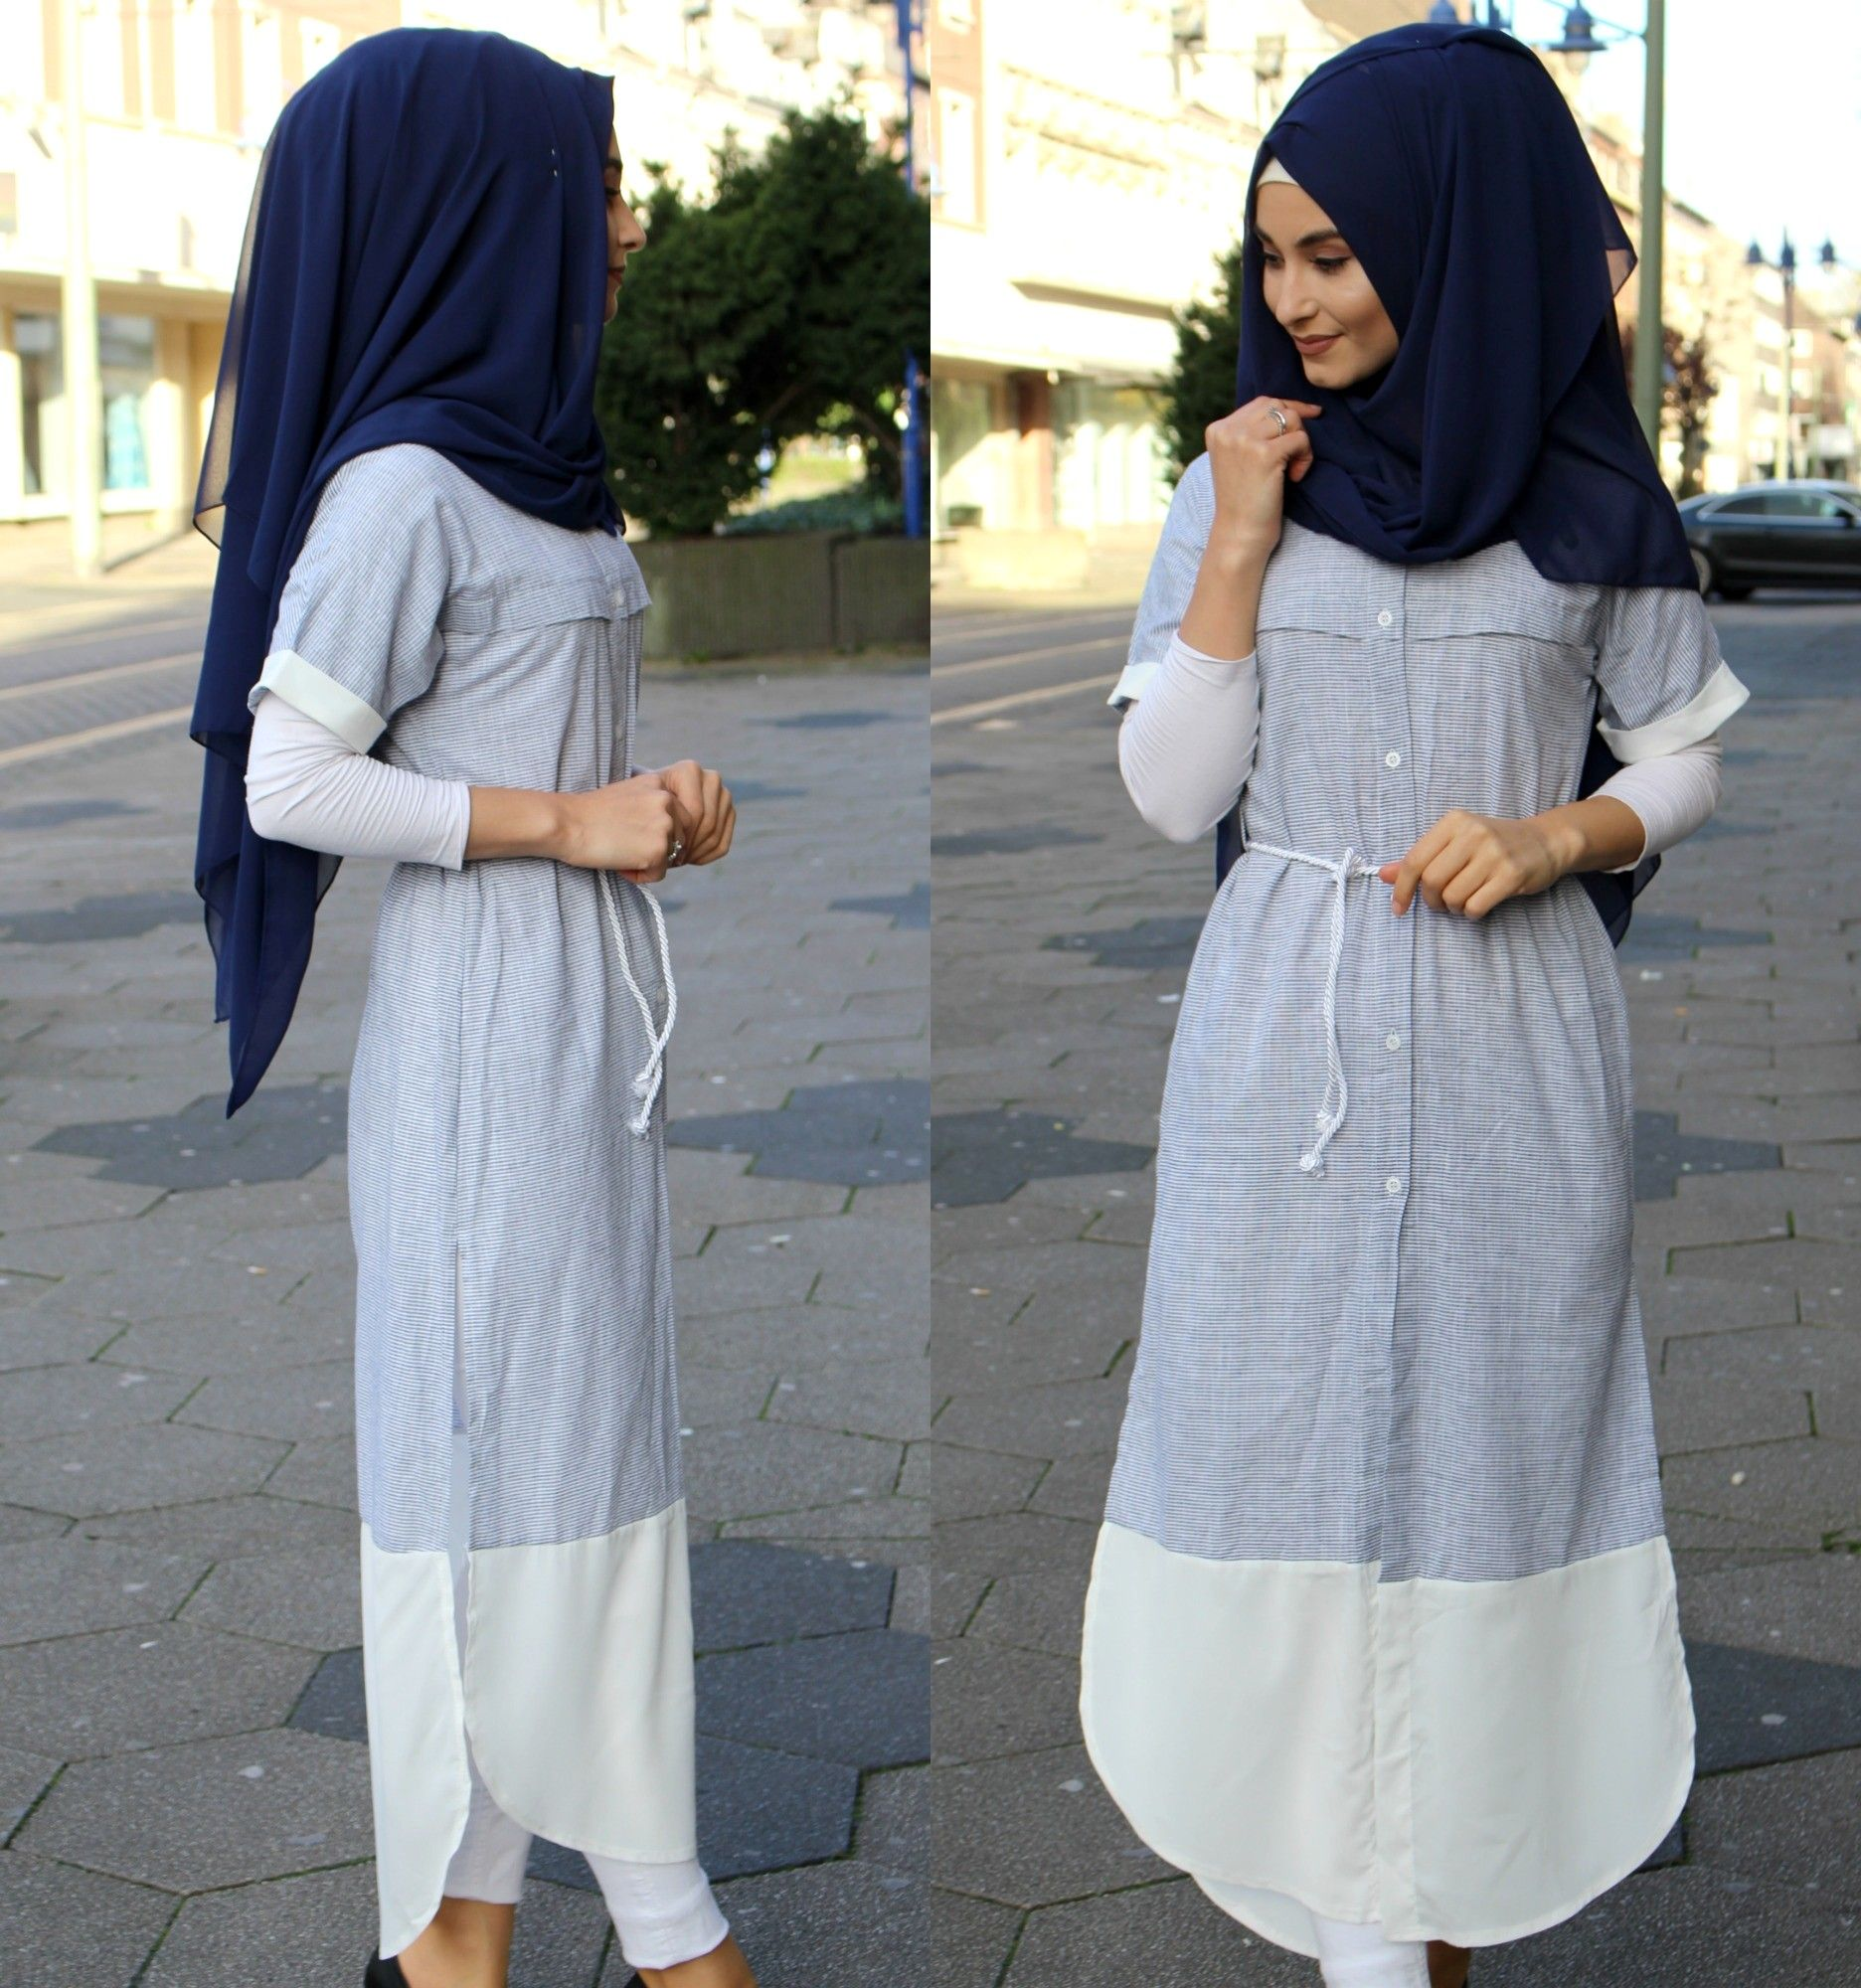 hijab grey tunic  Hijab fashion, Hijab dress, Hijab chic